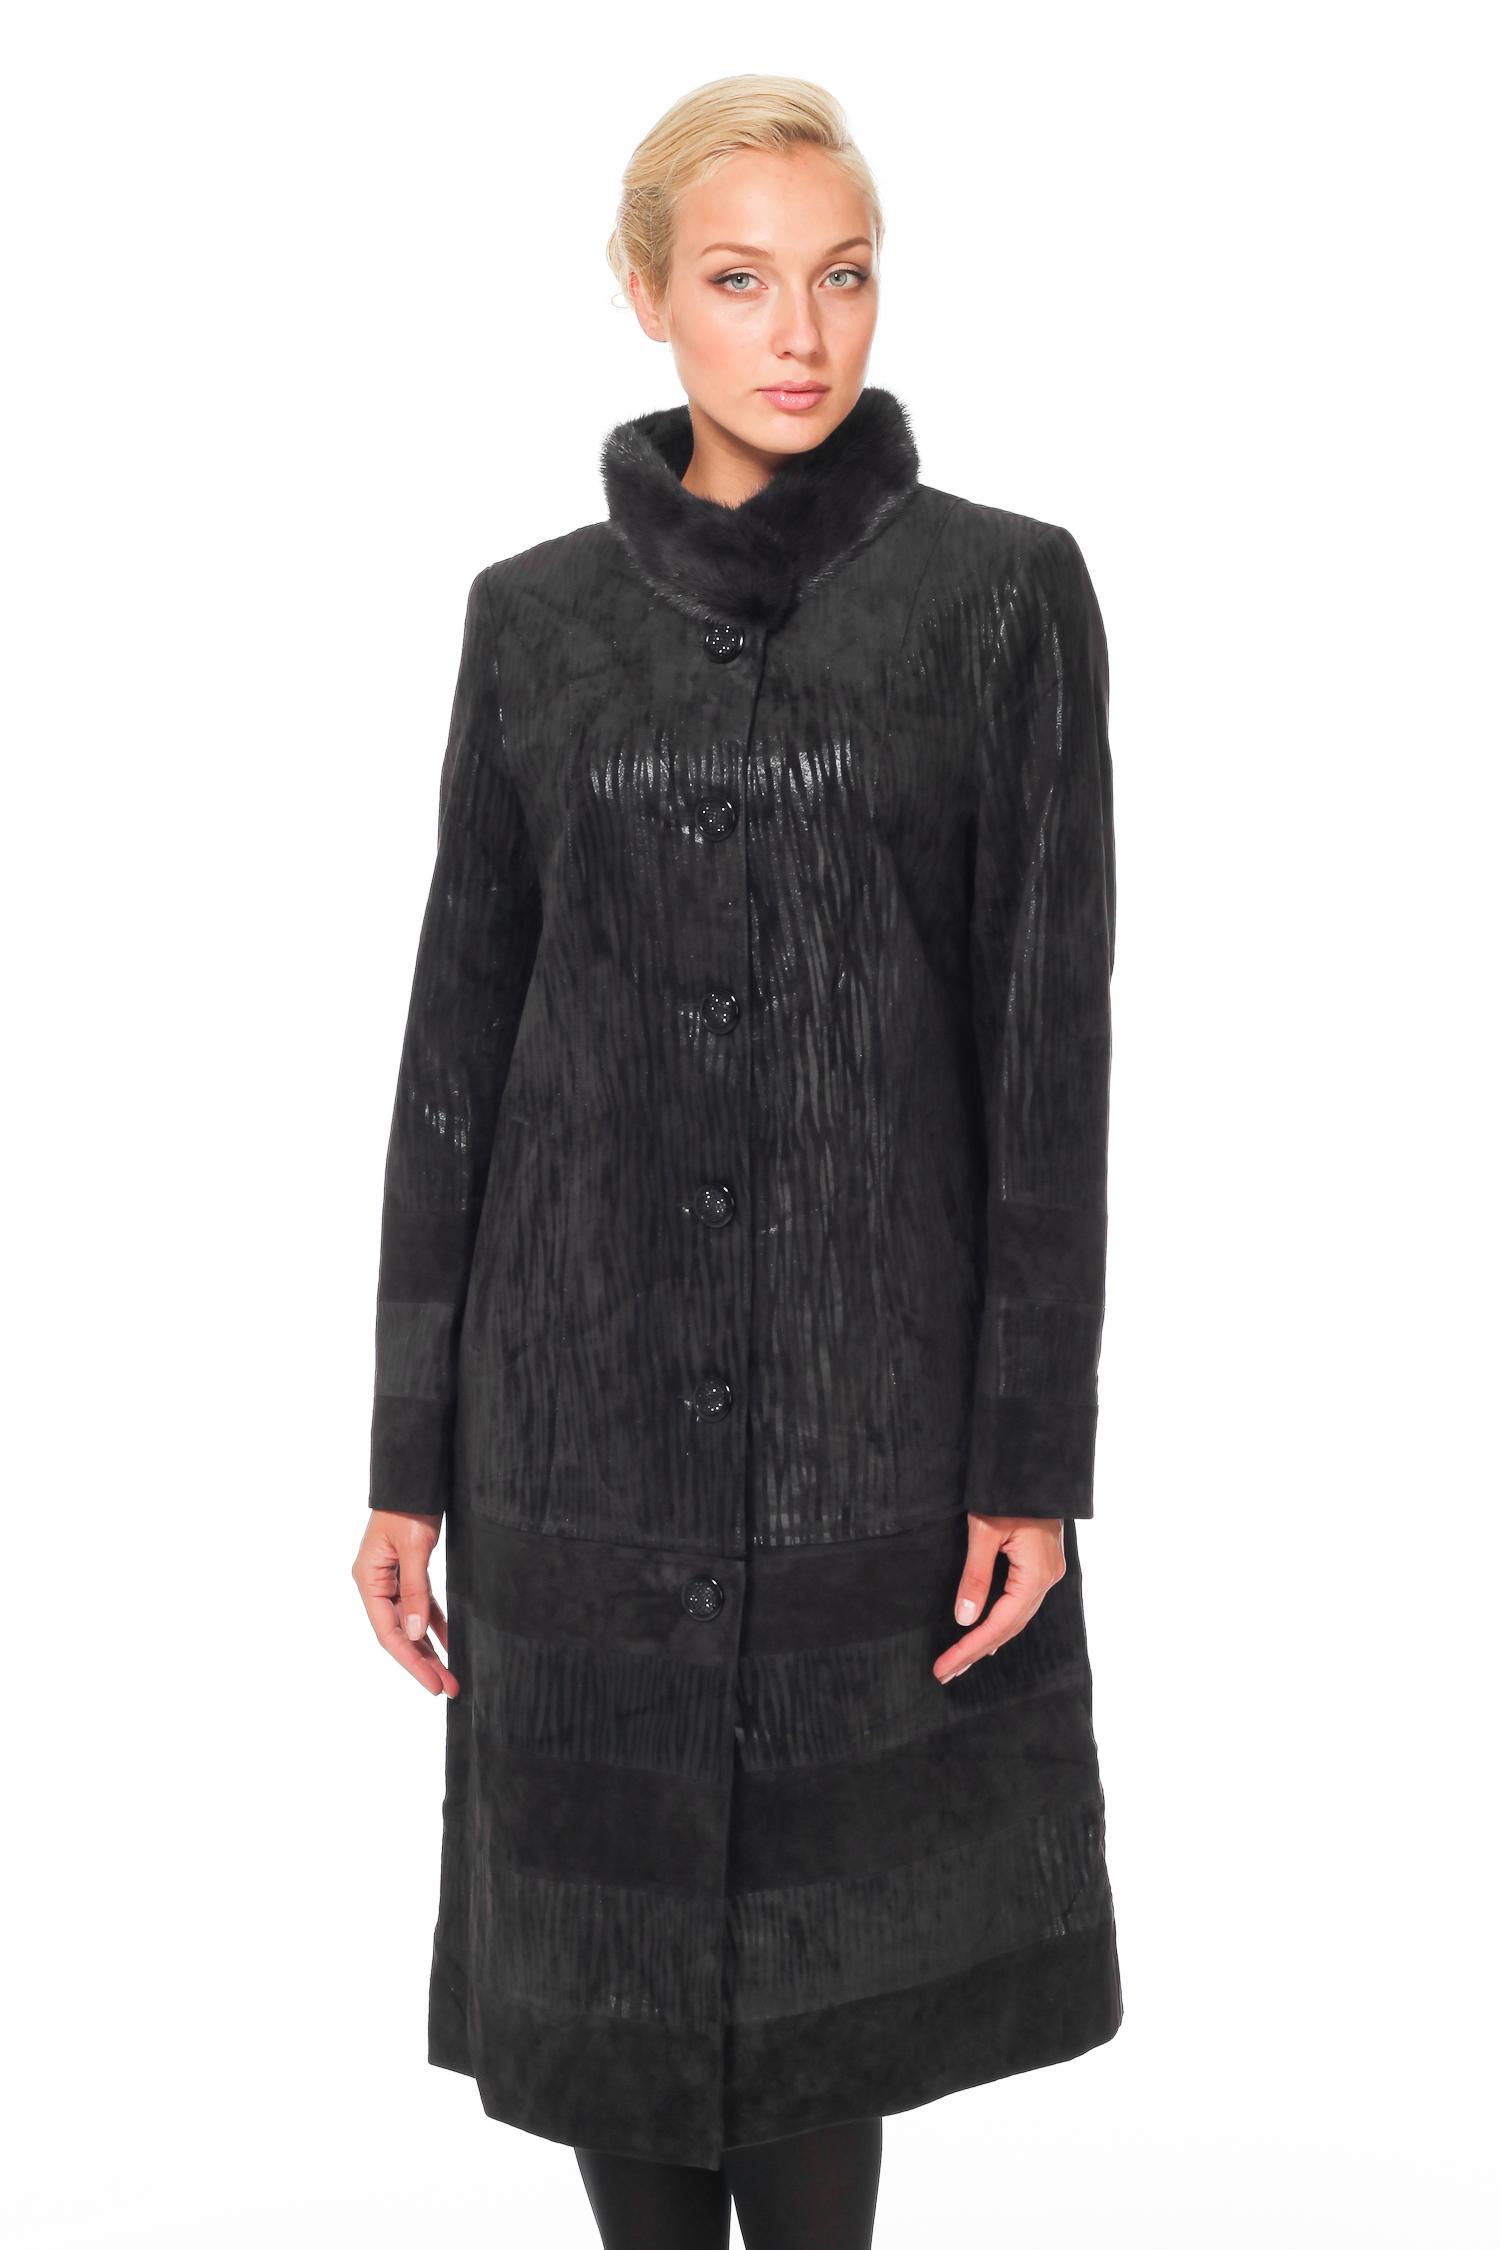 Женское кожаное пальто из натуральной замши с воротником, отделка норка<br><br>Воротник: стойка<br>Цвет: серый<br>Материал: Замша<br>Длина см: Длинная (свыше 90)<br>Пол: Женский<br>Размер RU: 46